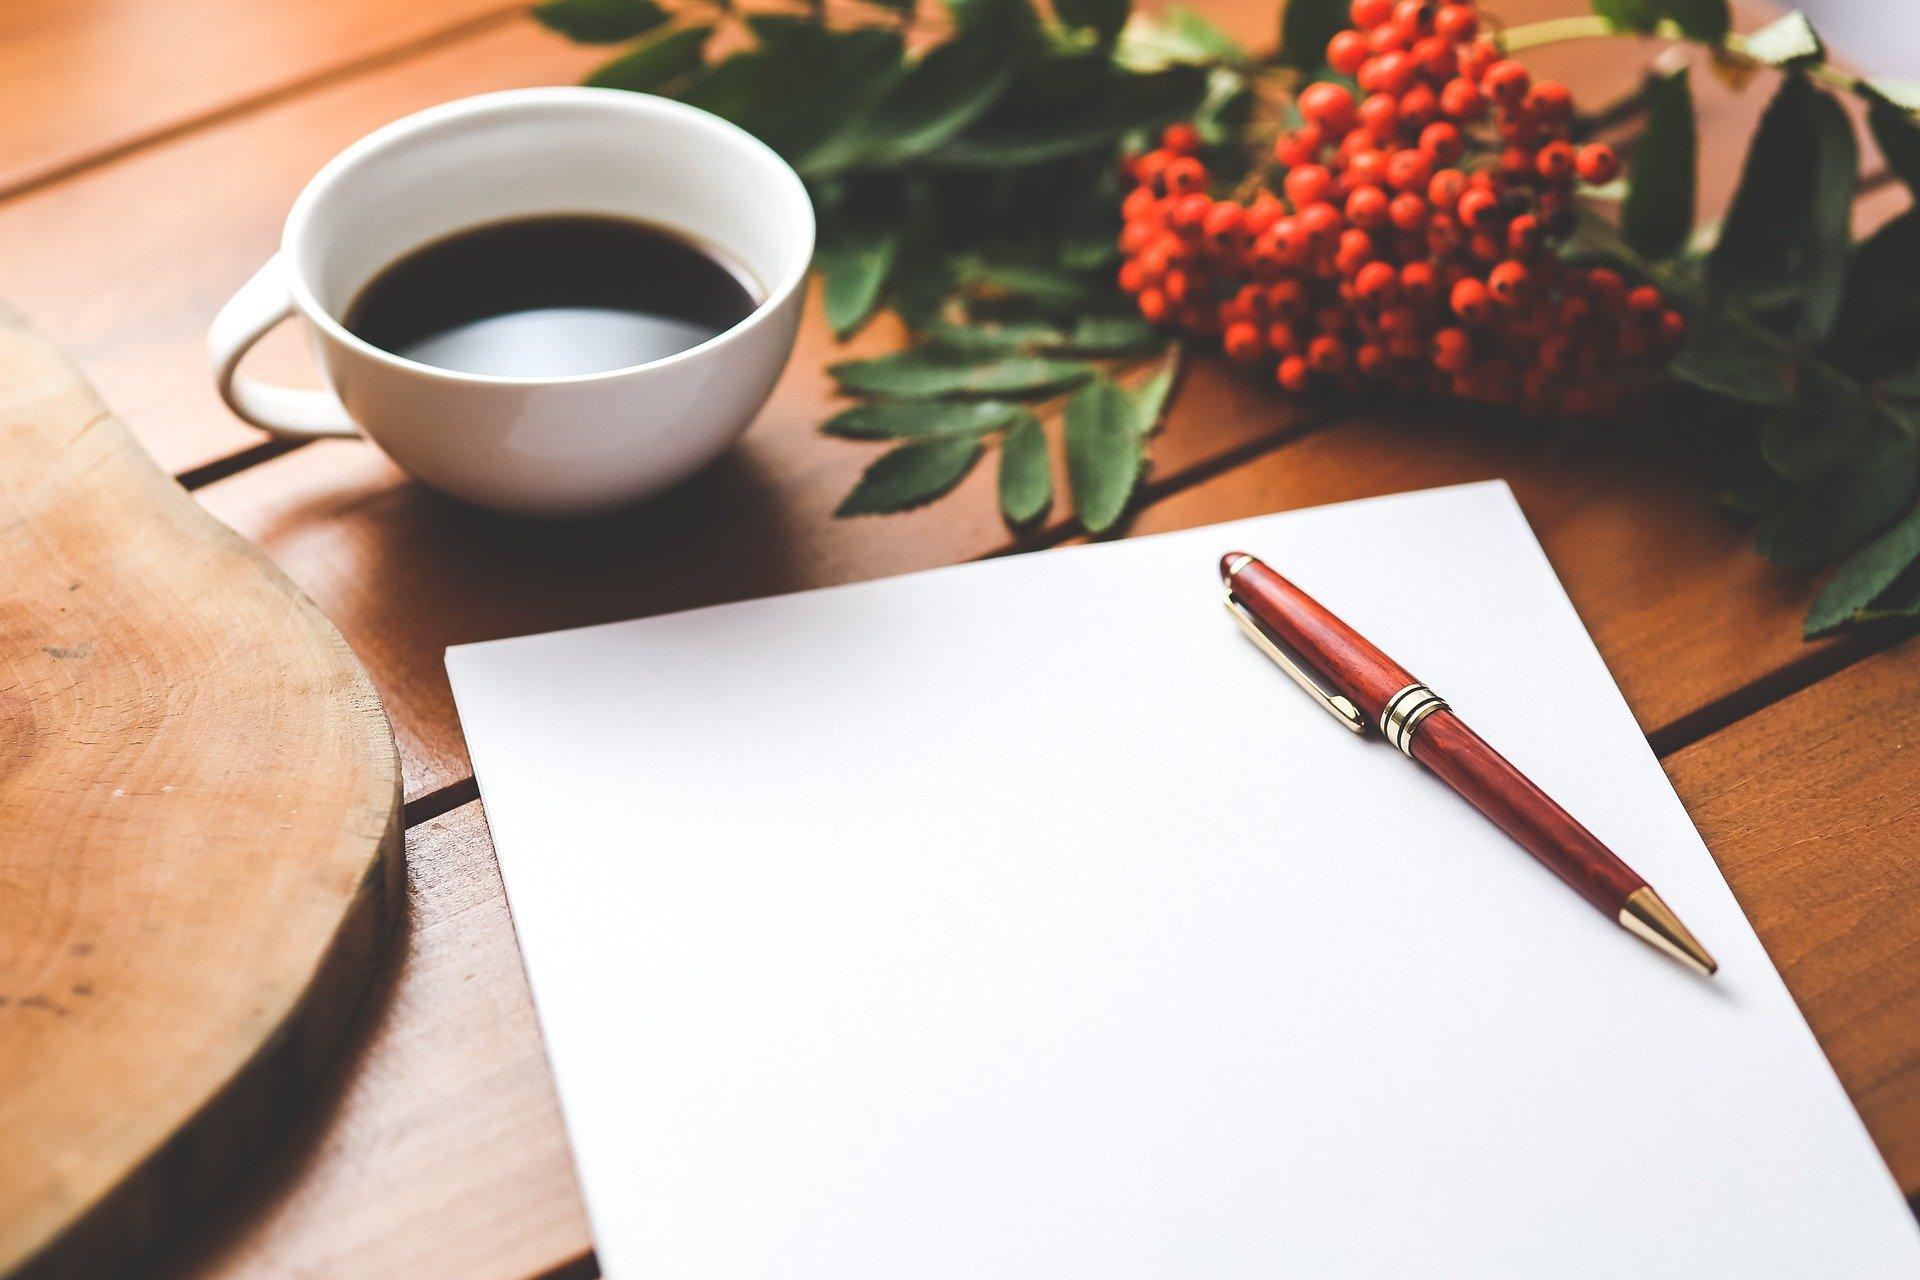 履歴書の書き方とは?転職・退職理由を記入するポイントを解説!【例文あり】の画像1